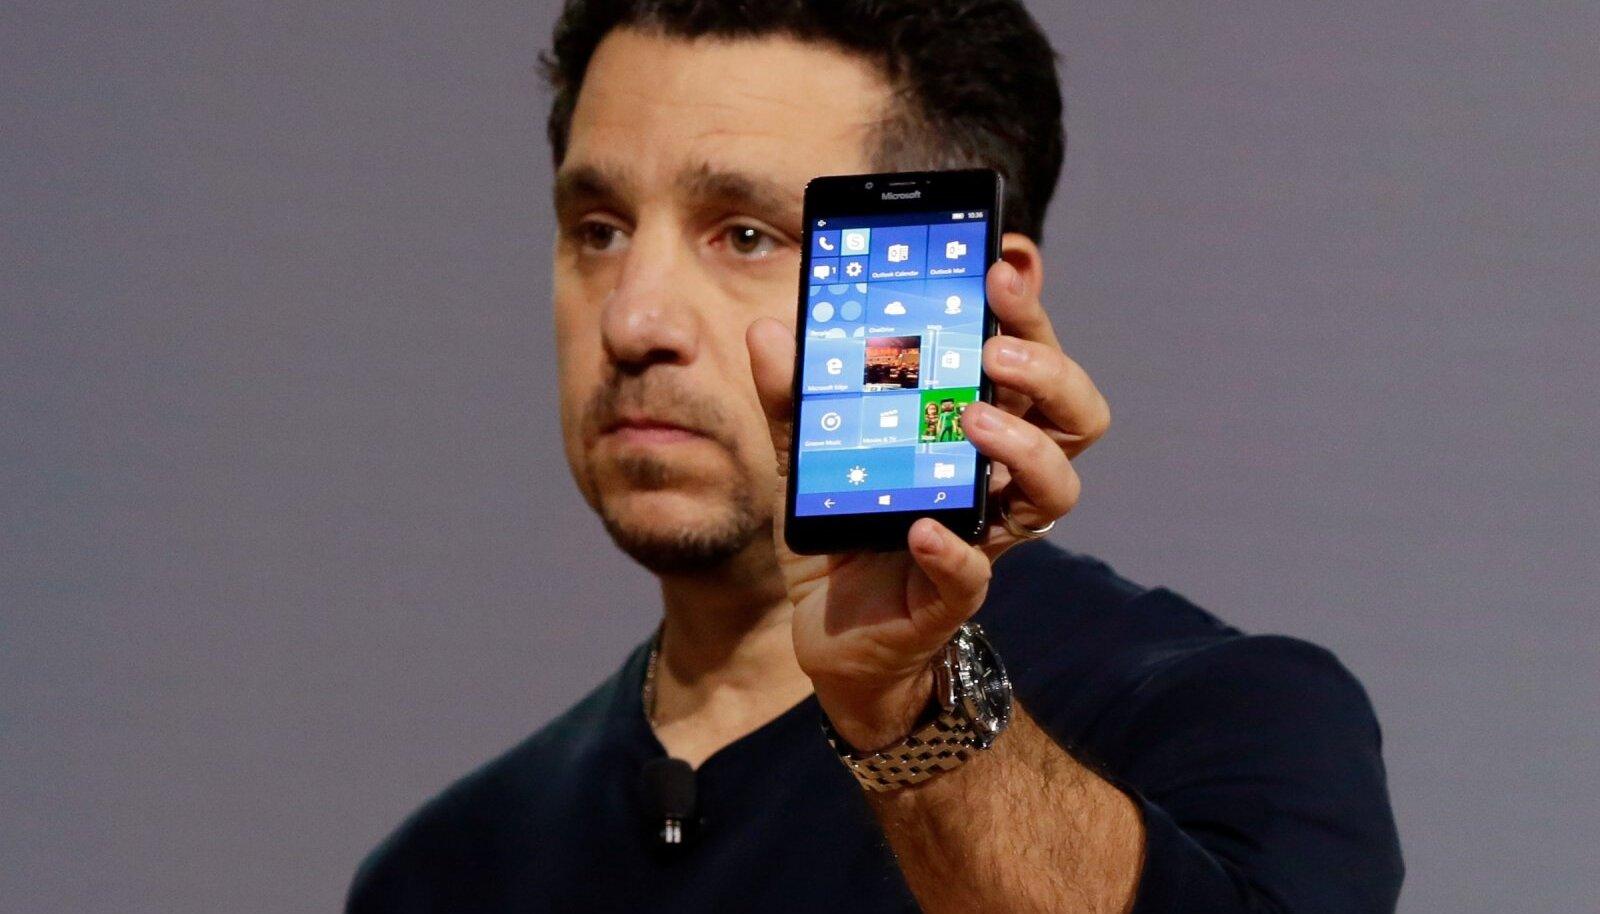 Sellise tooniga loo juurde sobib taasavaldada pilti kurvailmelisest Microsoft tippjuhist möödunud sügisel Lumia 950 telefoni esitlemas. (Foto: AP)